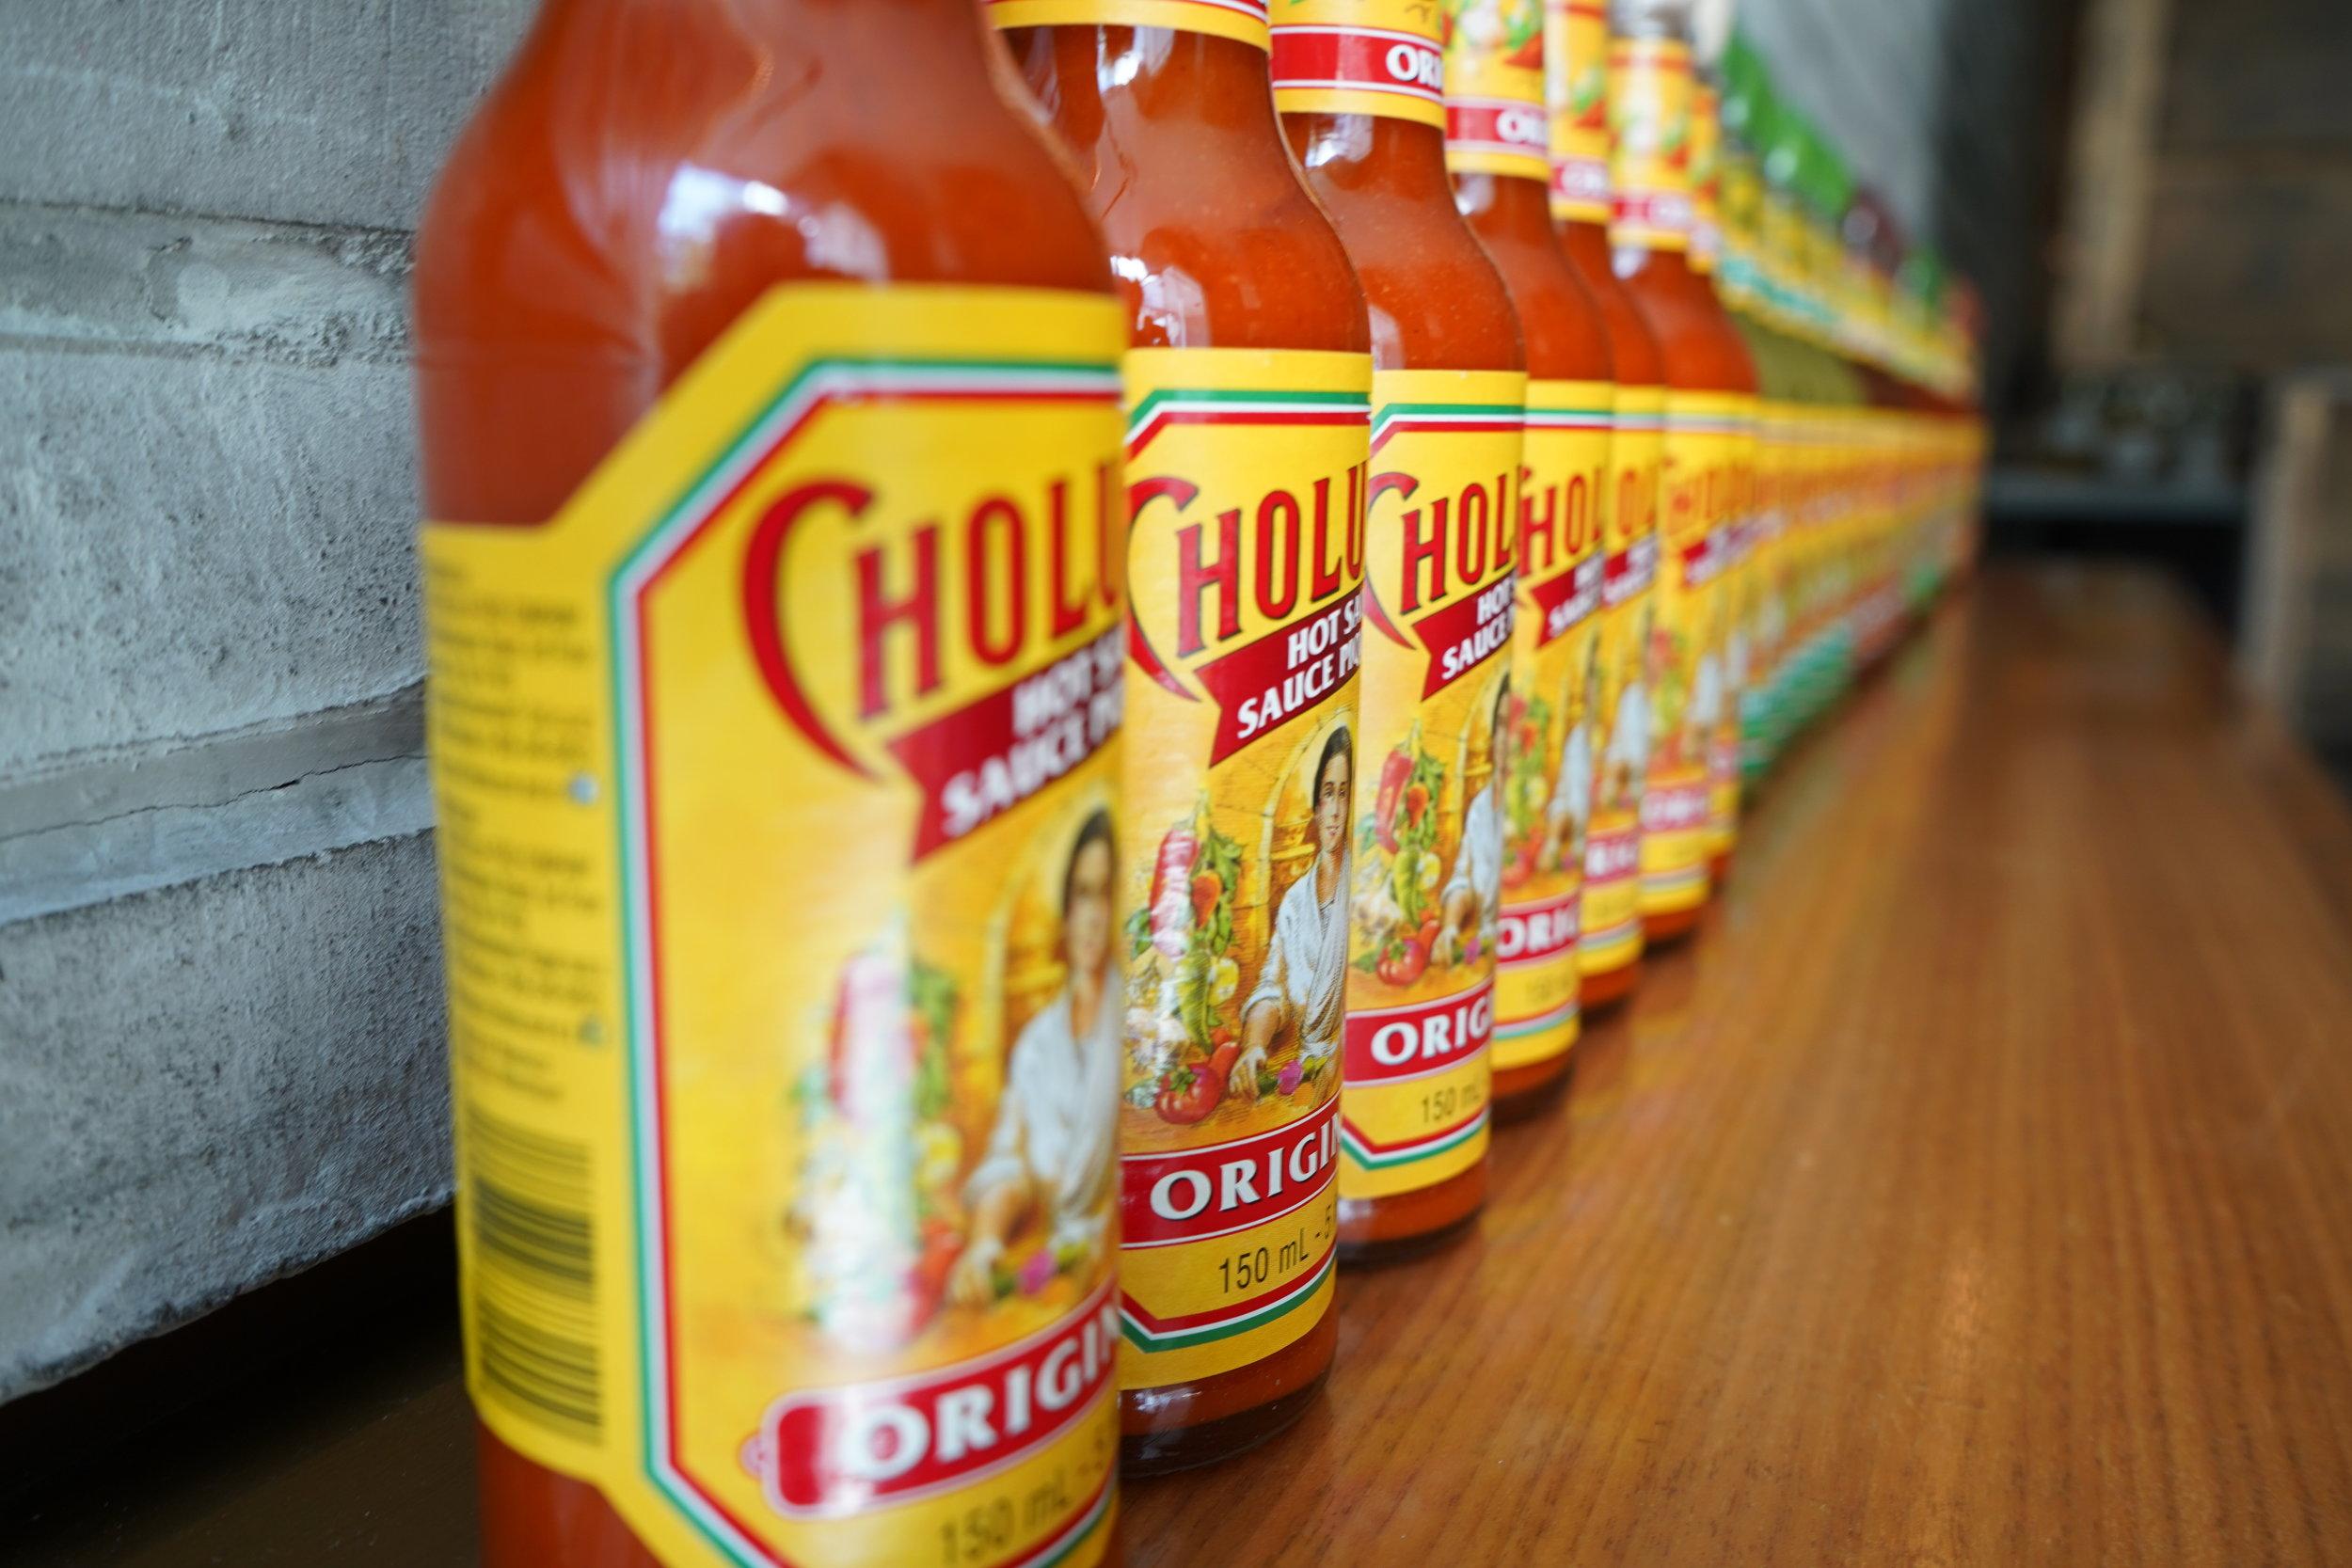 cholula hot sauce bottles toronto matty matheson